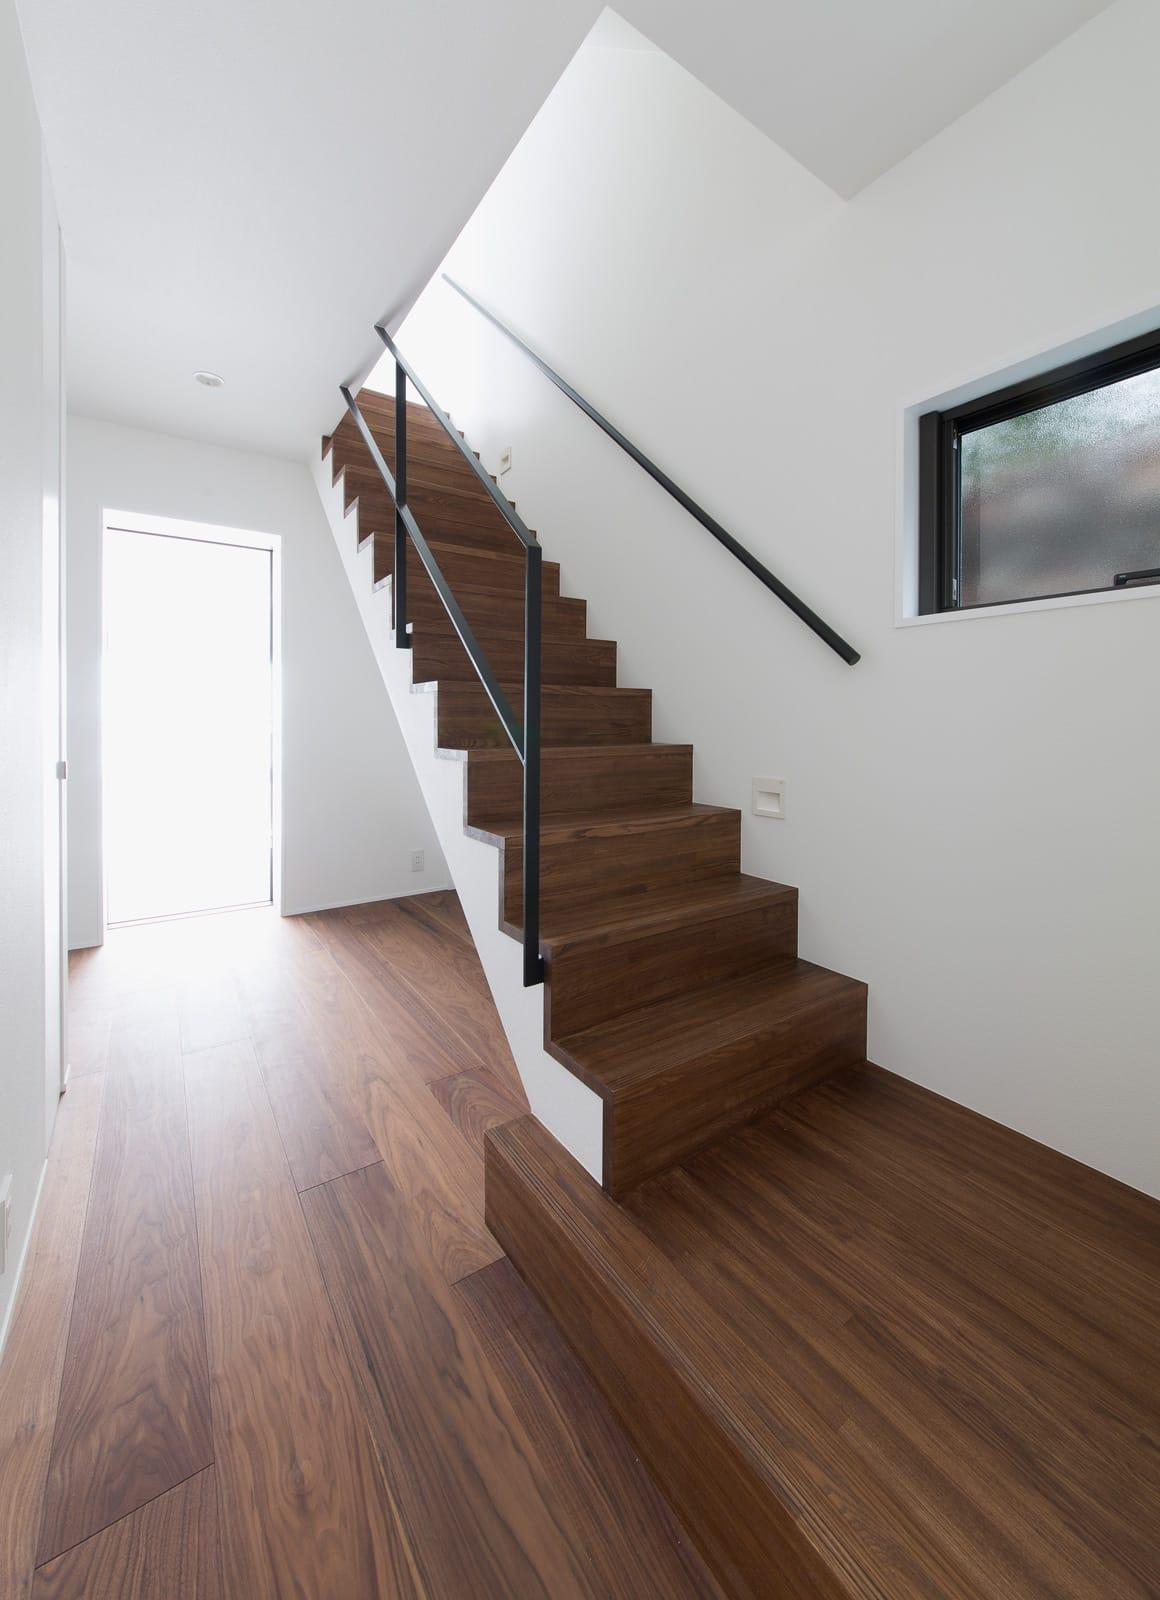 アウトドアダイニングのある家の階段1